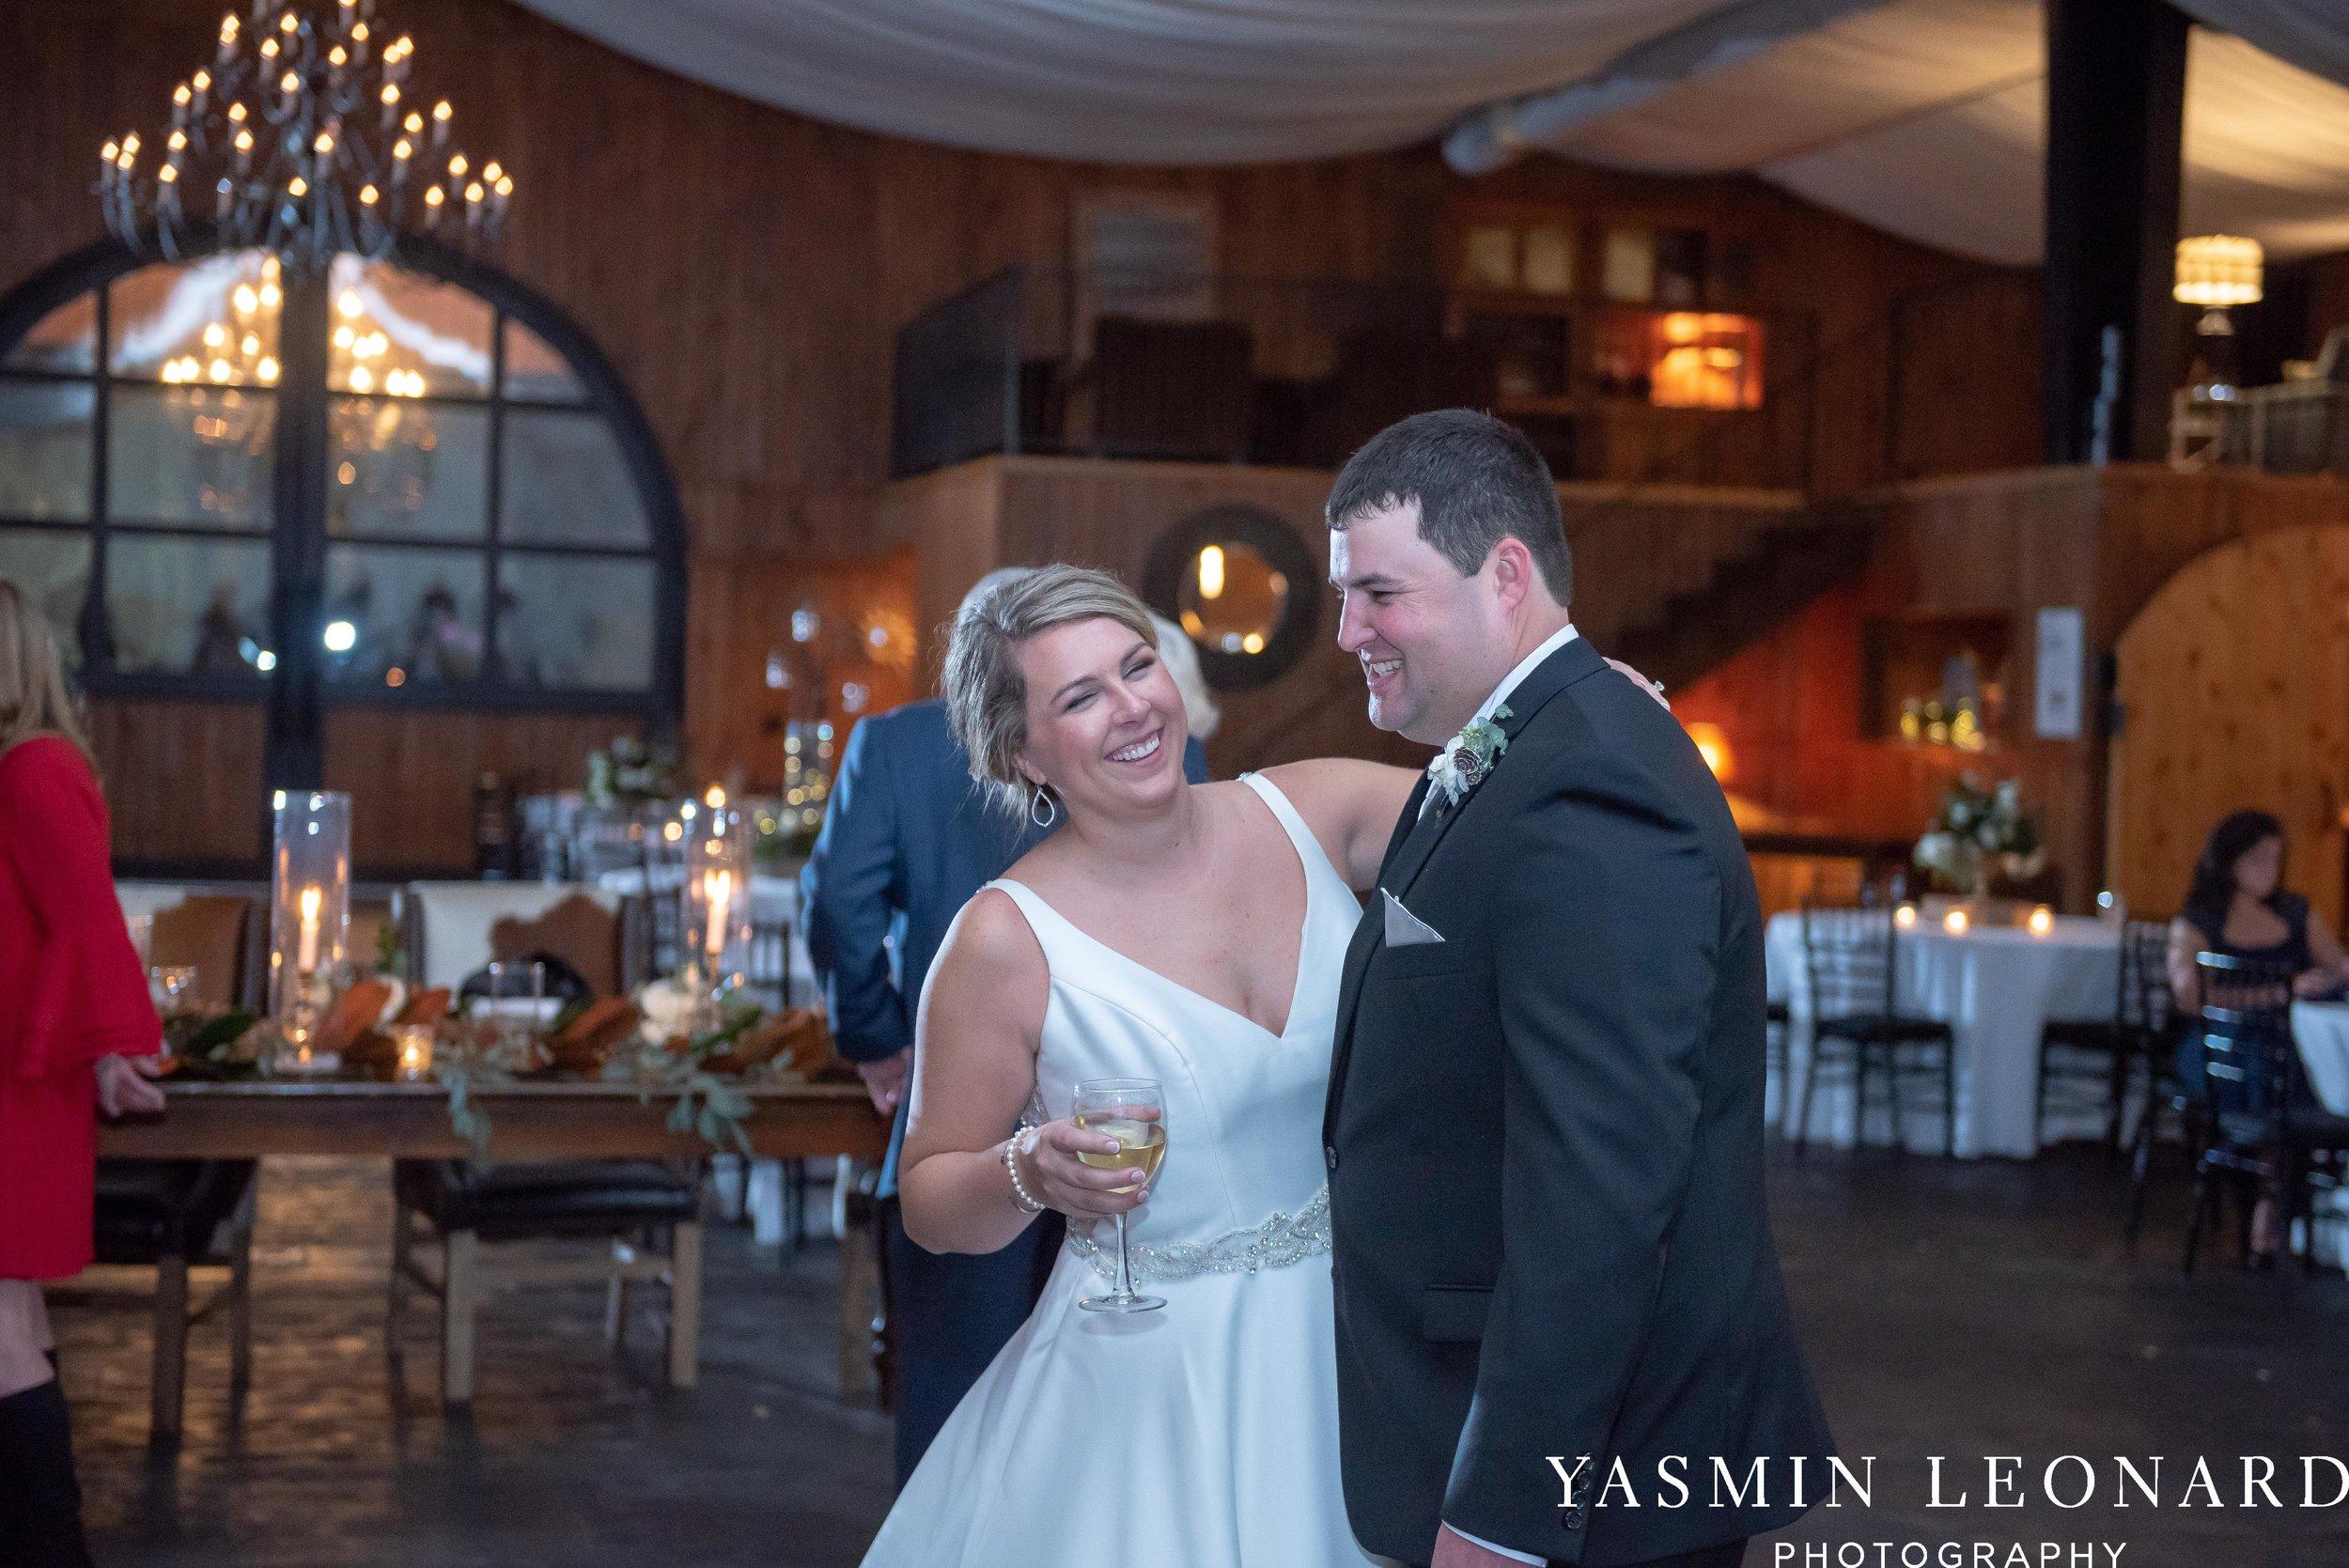 Adaumont Farm - Wesley Memorial Weddings - High Point Weddings - Just Priceless - NC Wedding Photographer - Yasmin Leonard Photography - High Point Wedding Vendors-70.jpg